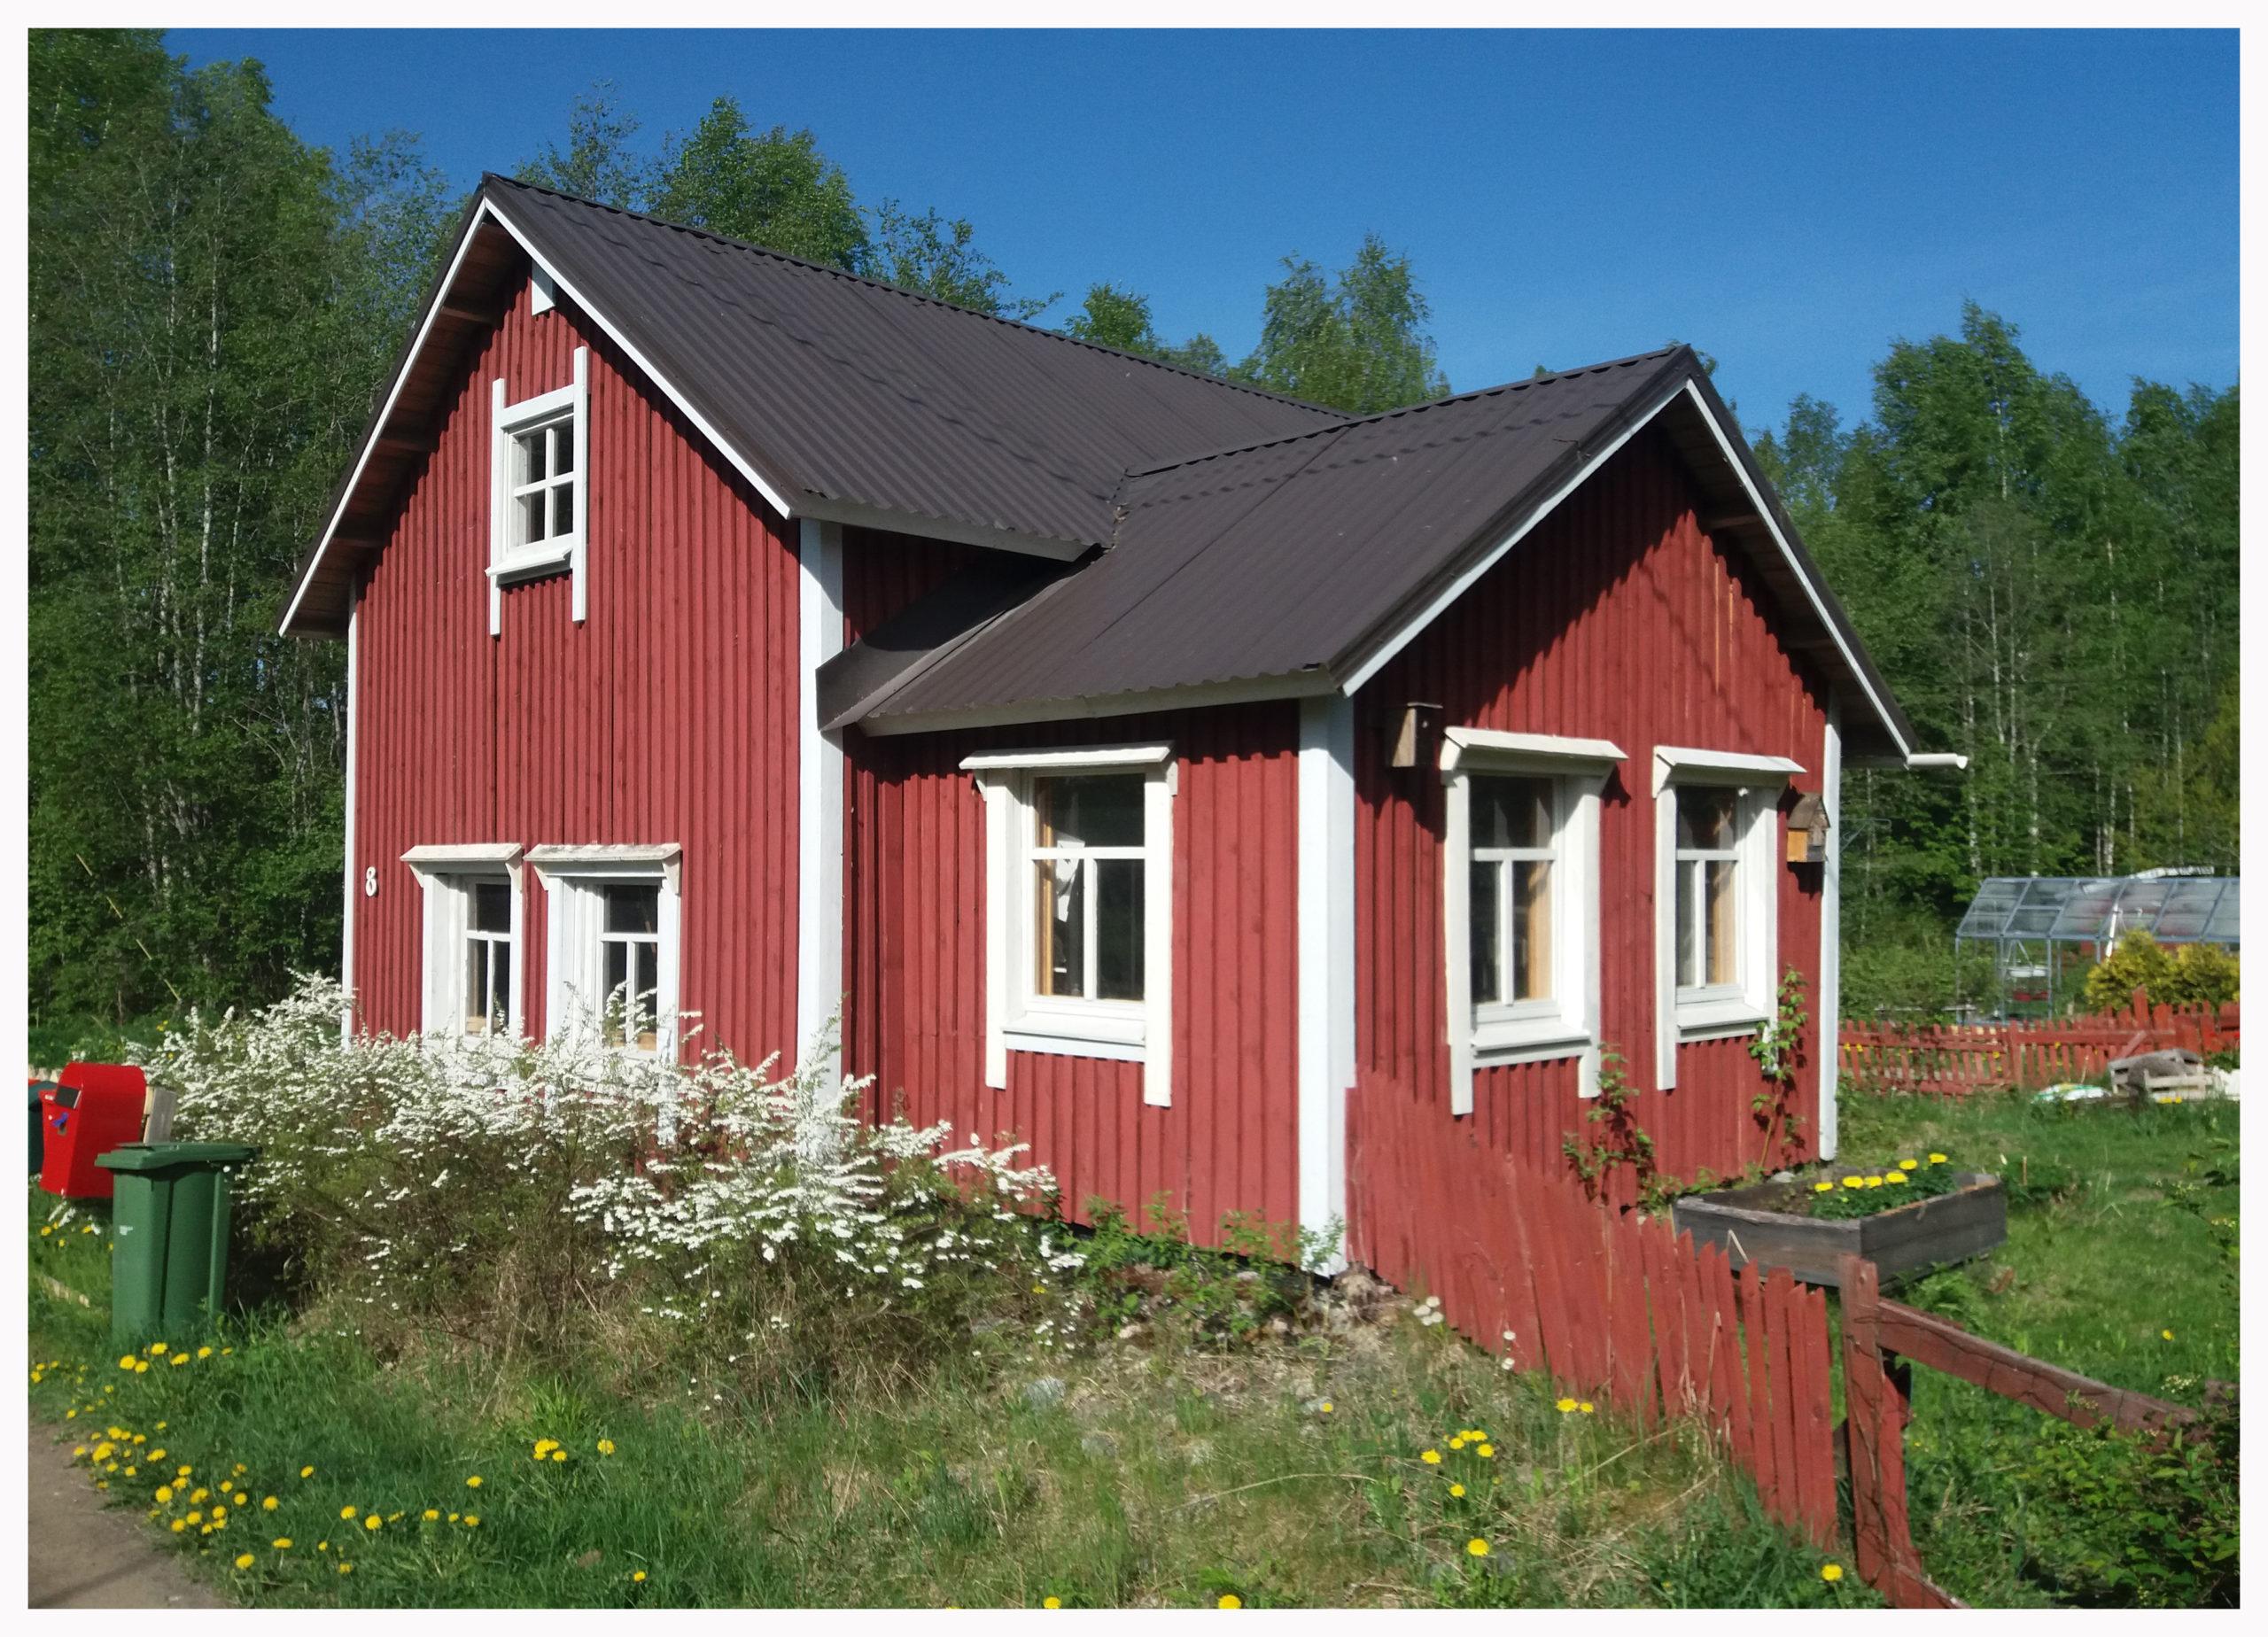 Vaarin verstas. Punainen mökki isolla kuistilla, punainen aita lähtee mökin kulmasta. Edustalla on paljon luonnonkukkia.